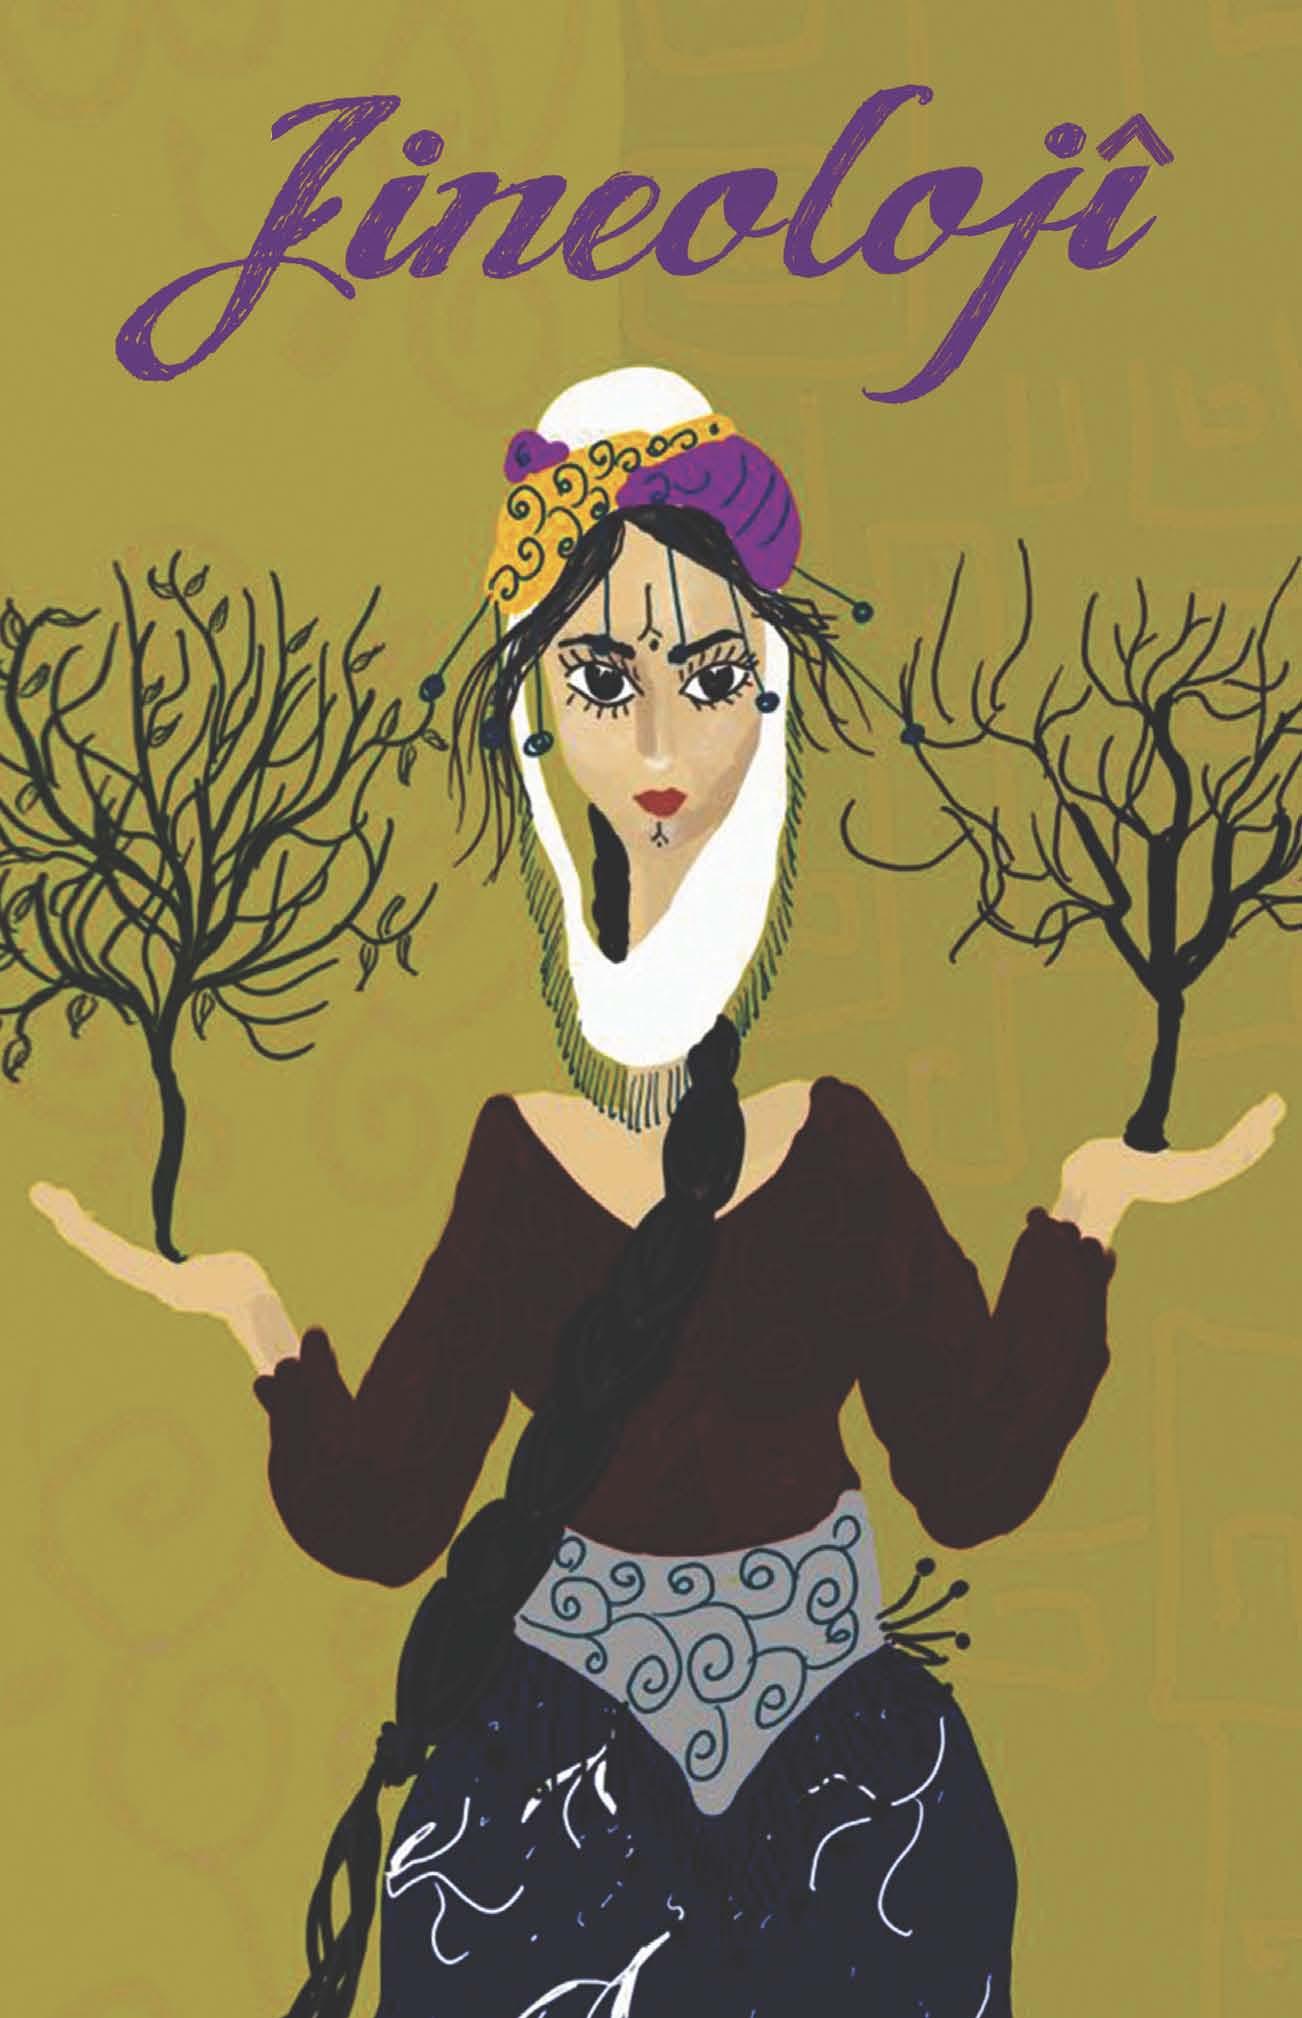 Jineolojî Book Cover